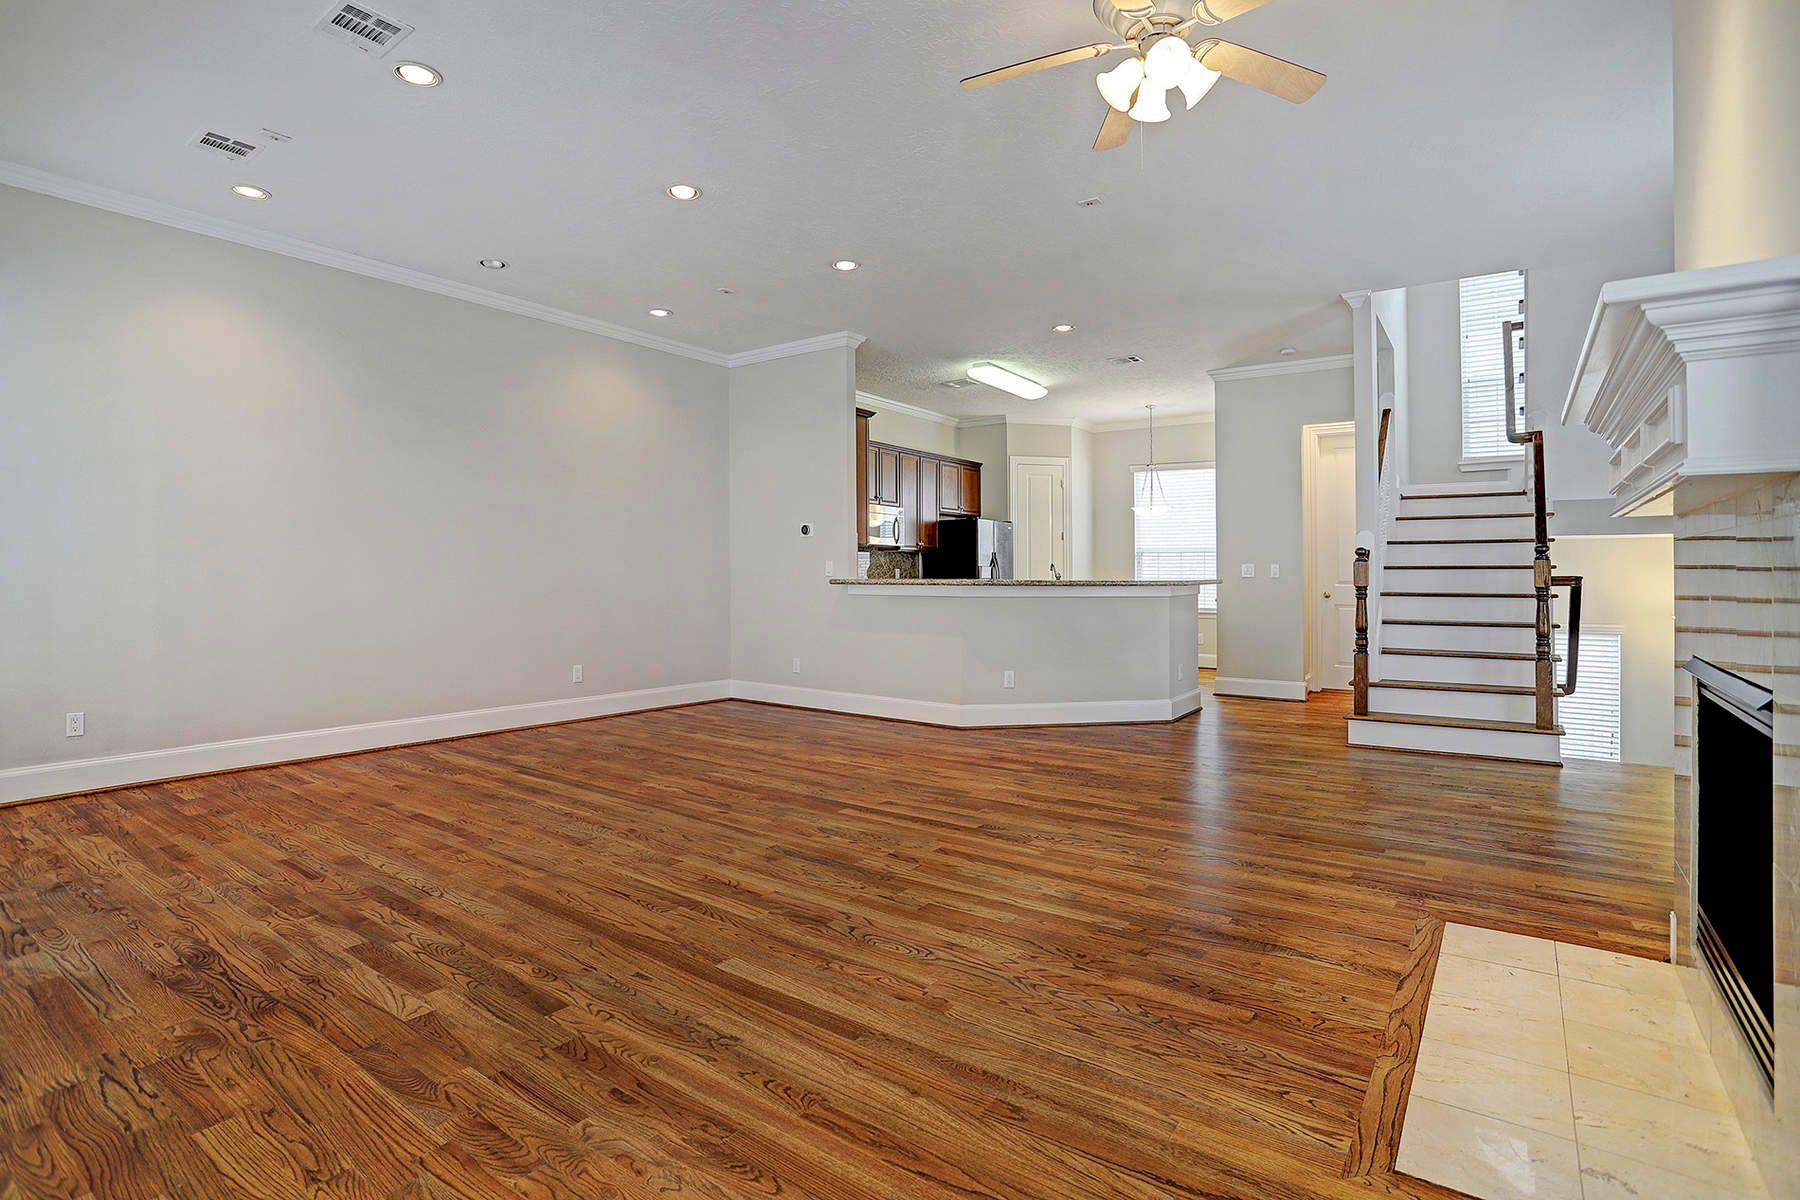 联栋屋 为 销售 在 1515 Oakdale Avenue 1515 Oakdale Avenue Unit 10, 休斯顿, 得克萨斯州, 77004 美国